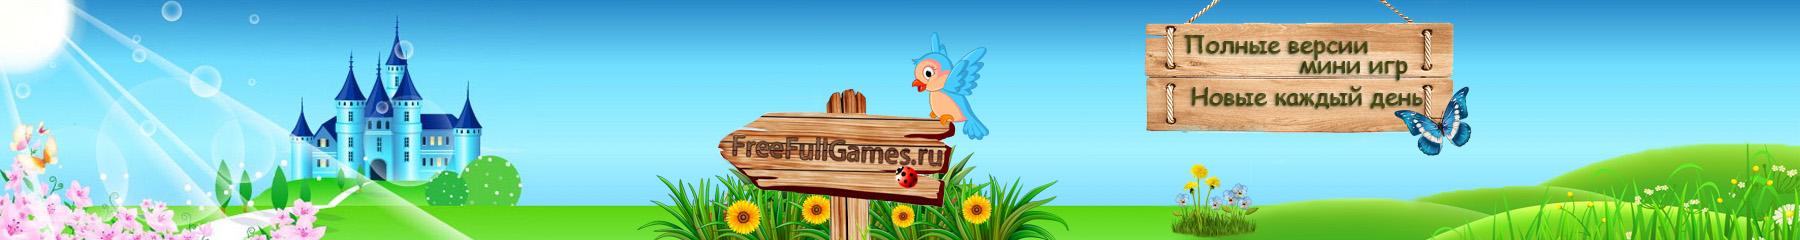 FreeFullGames.ru -полные версии игр скачать бесплатно и без регистрации